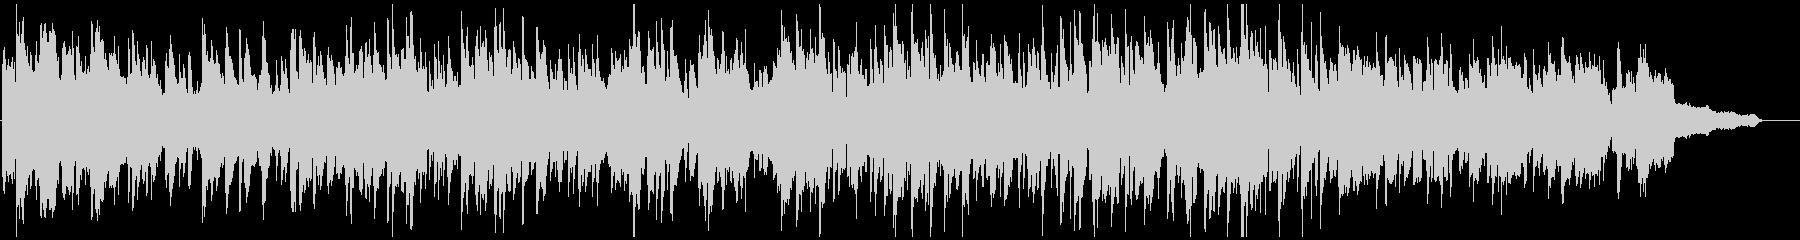 ソプラノサックスのメロディアスなボサノバの未再生の波形